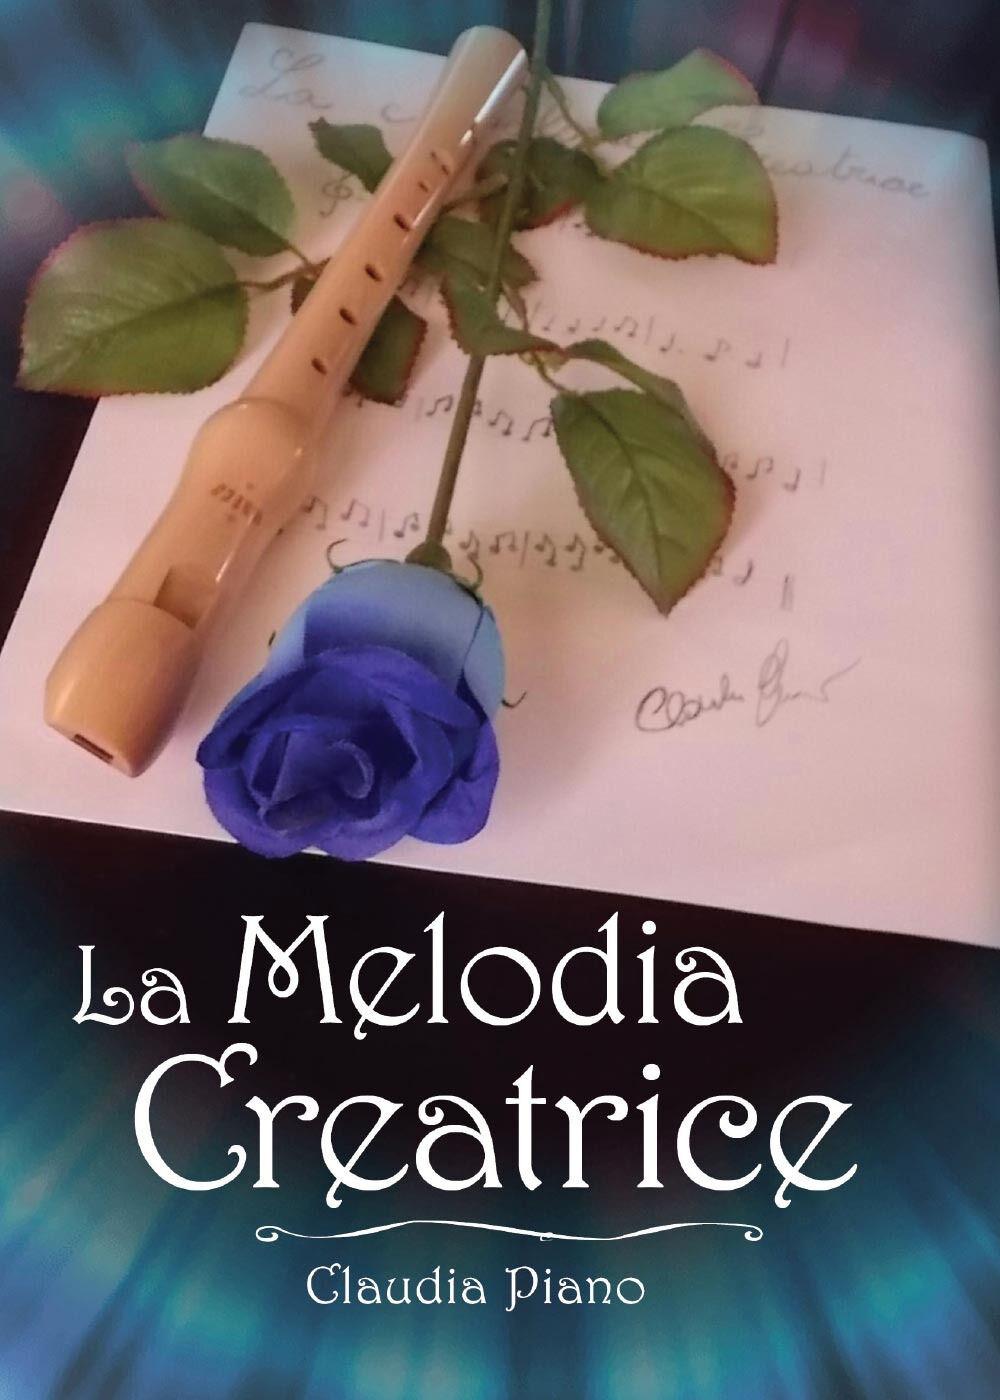 La melodia creatrice